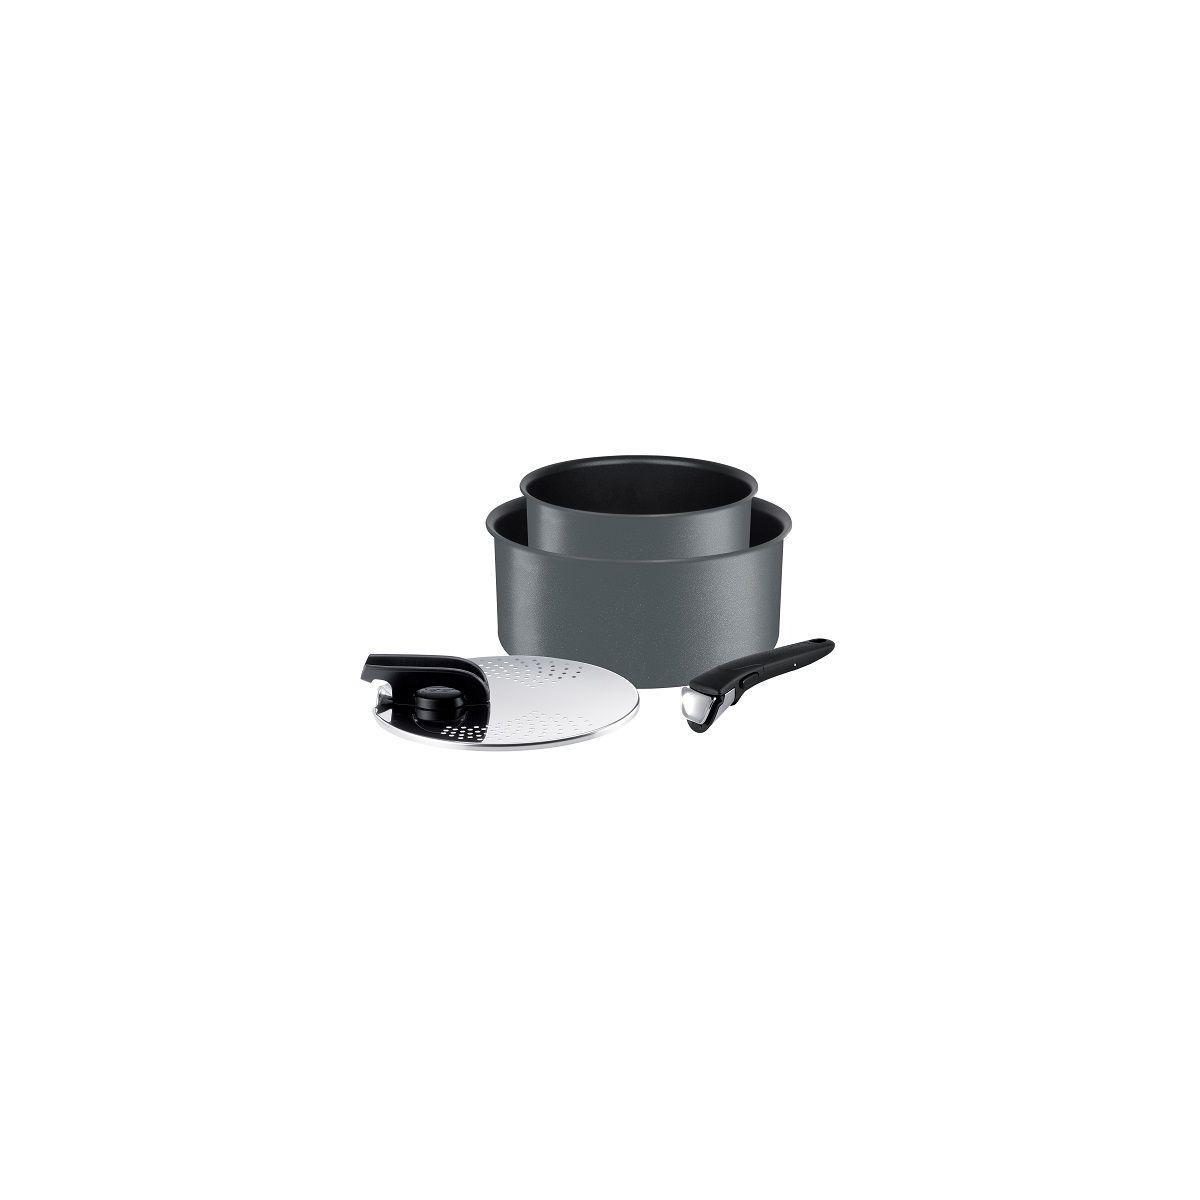 Batterie de cuisine tefal casseroles ingenio performance 4p gris - 7% de remise imm�diate avec le code : fete7 (photo)